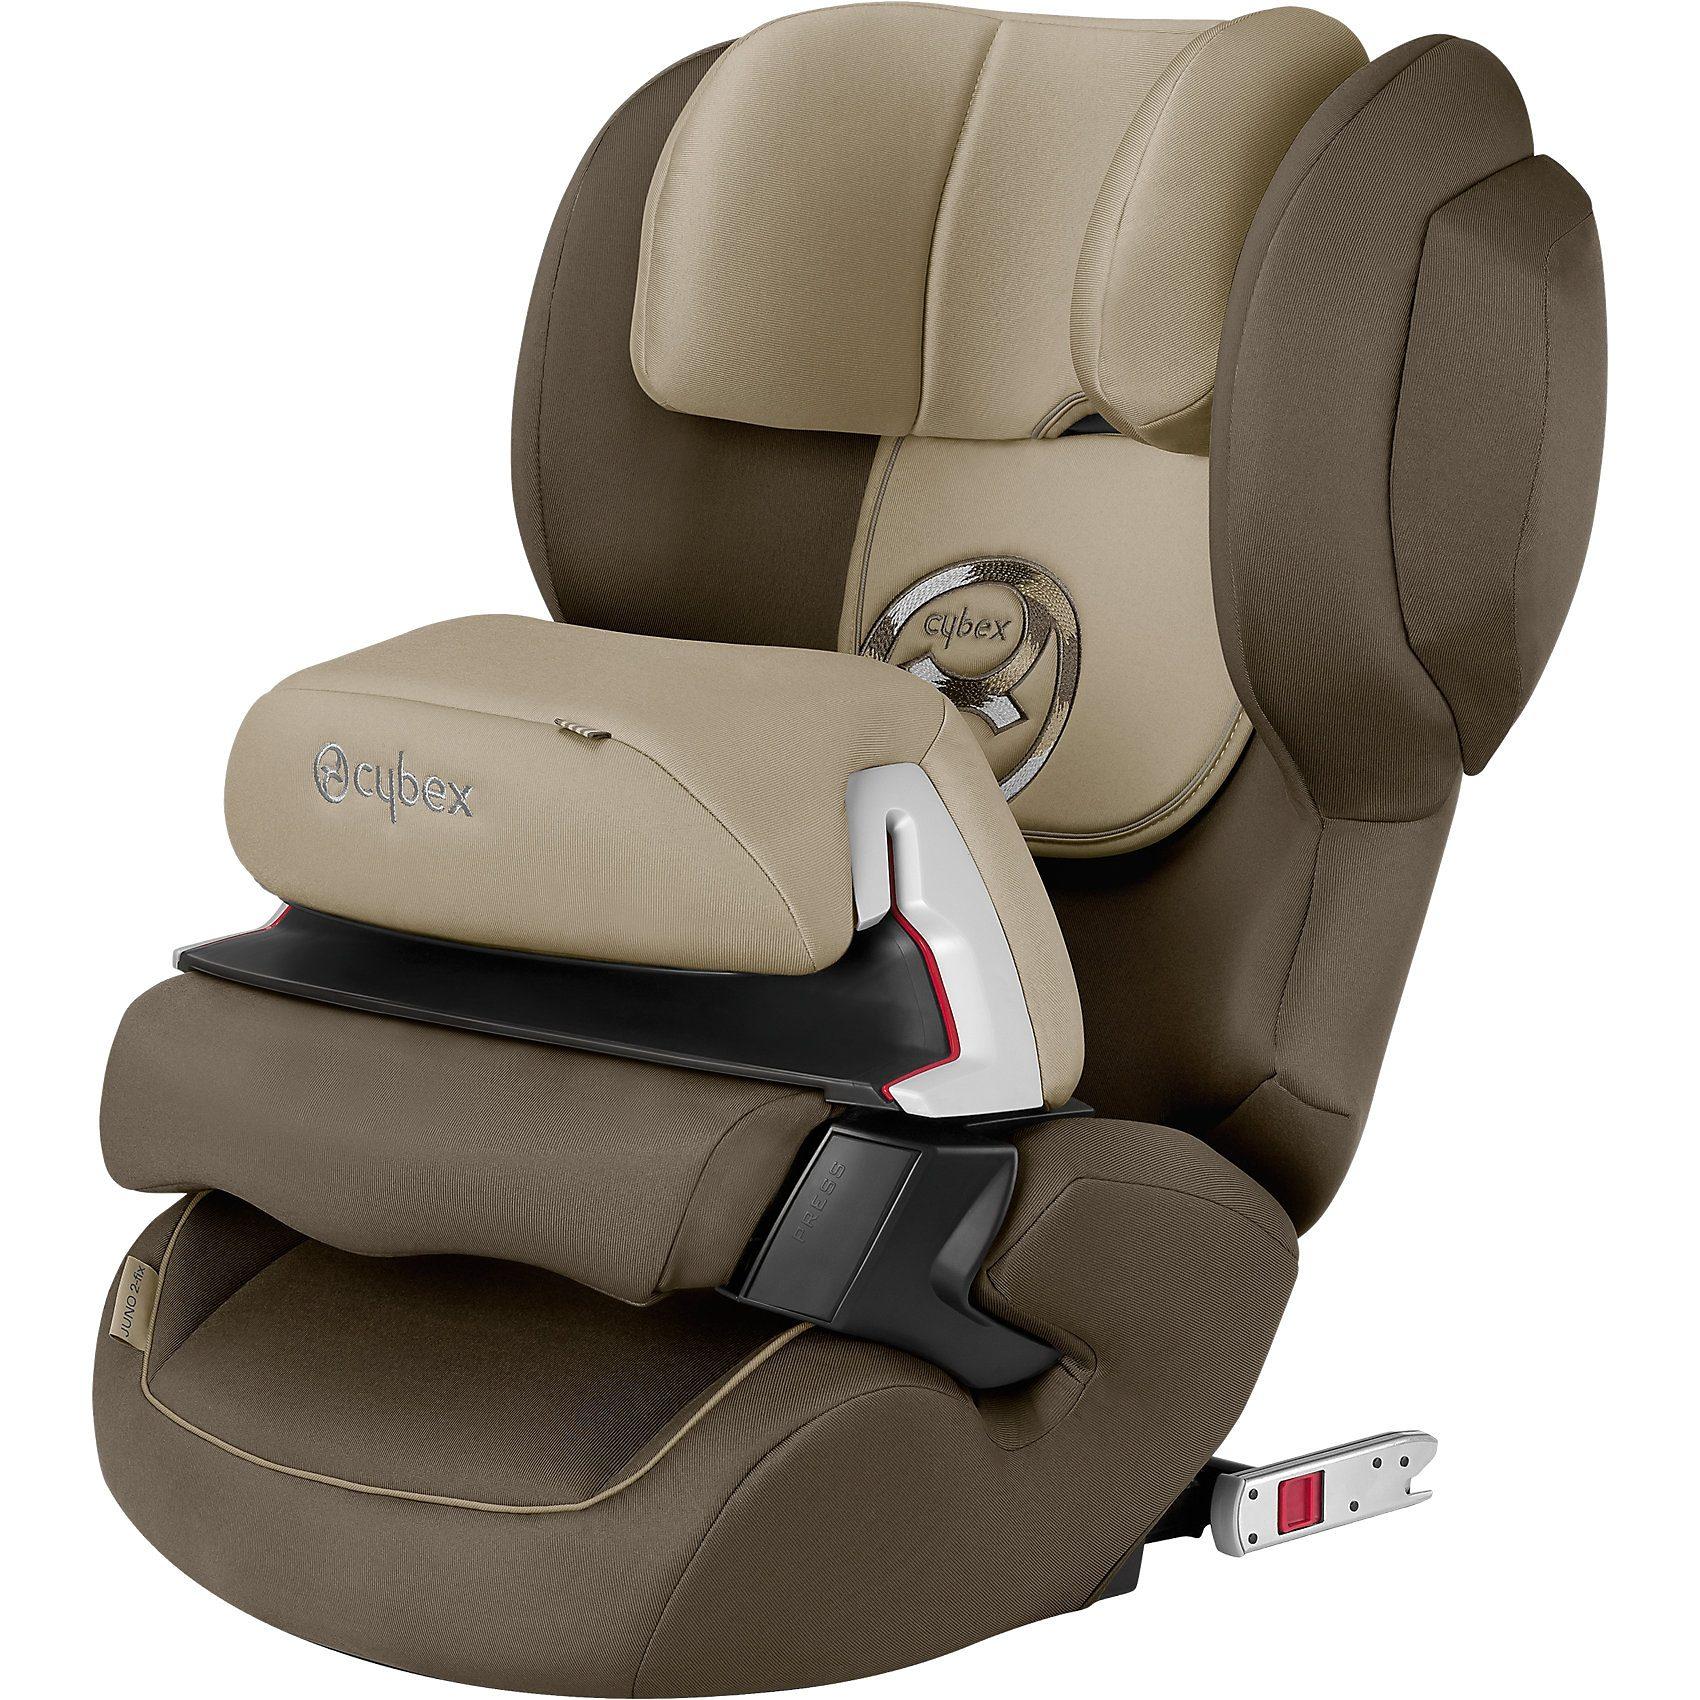 Cybex Auto-Kindersitz Juno 2-Fix, Gold-Line, Olive Khaki-Khaki, 20